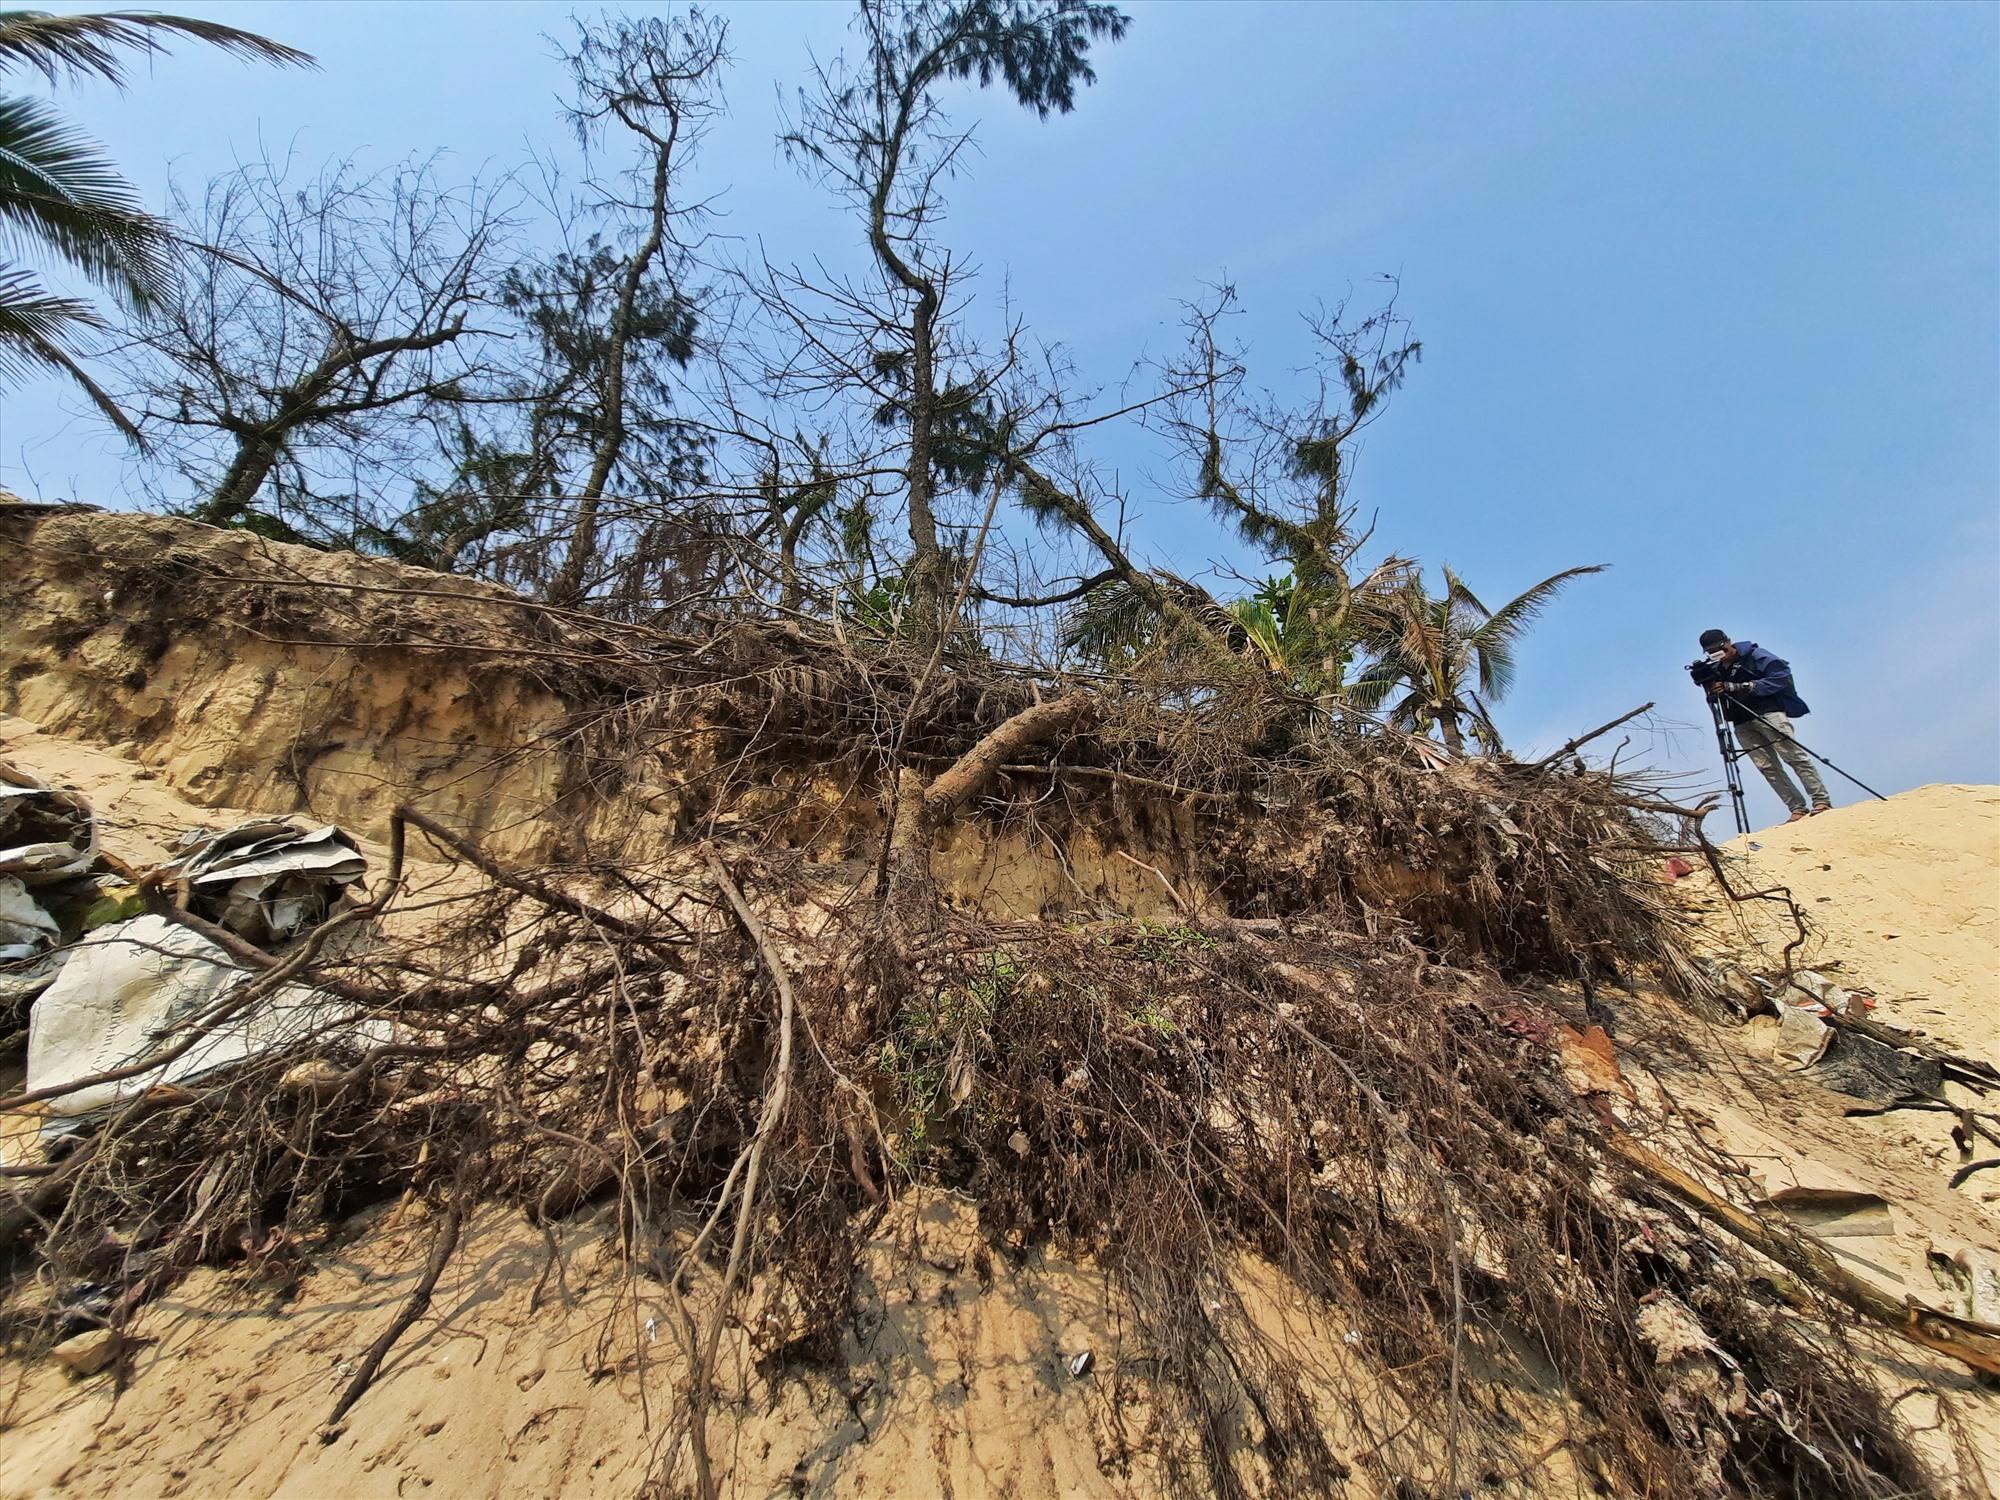 Rừng dương liễu chắn sóng, gió ven bờ cũng bị đánh tan tành.